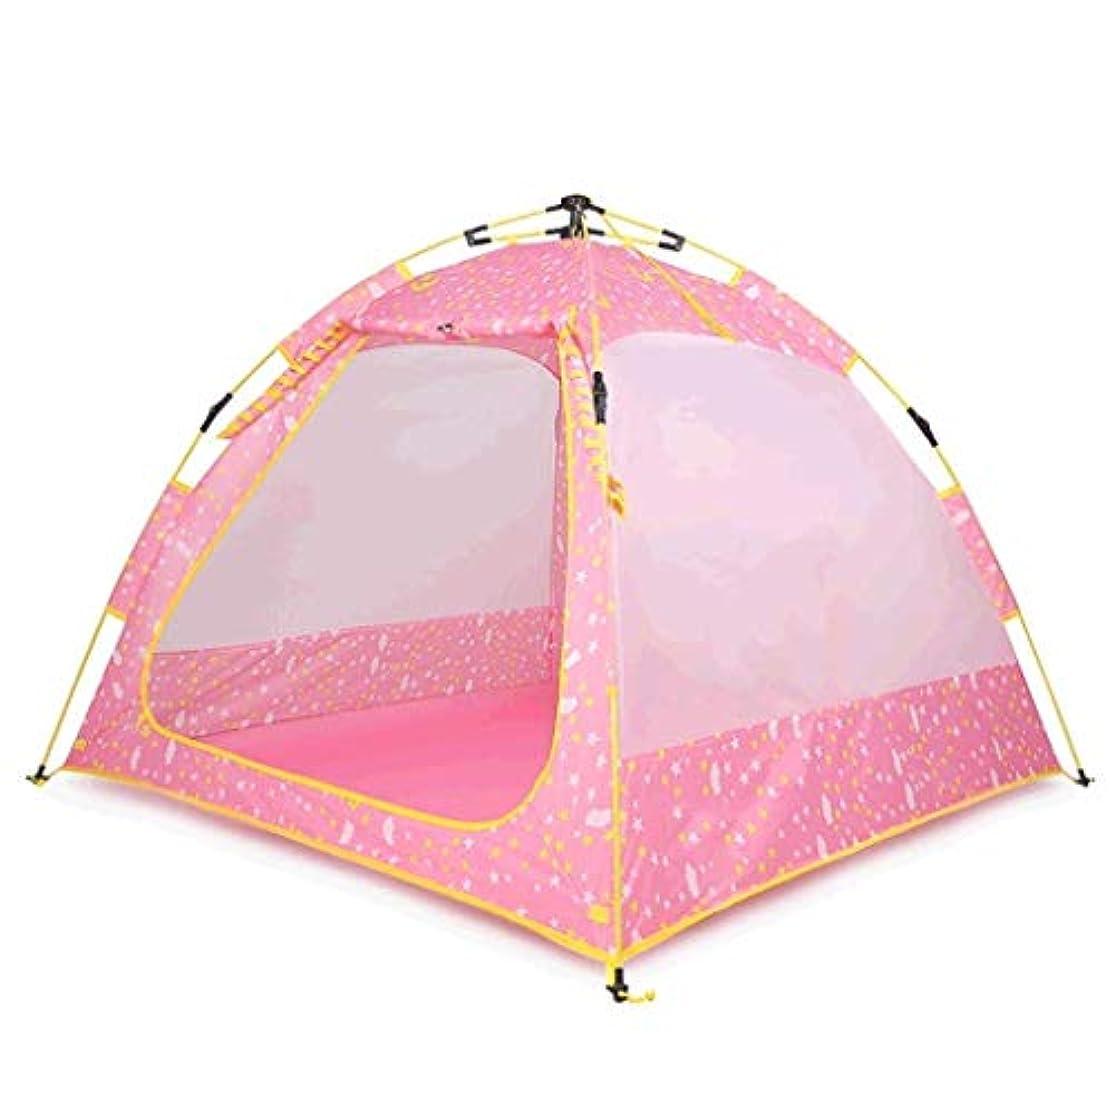 あいまいな汚いフォーカス子供の屋外キャンプテント超軽量ポータブルクイックスタート日焼け止め防水キャンプ観光ビーチホリデーピクニックパーク芝生ブルーピンクオプション